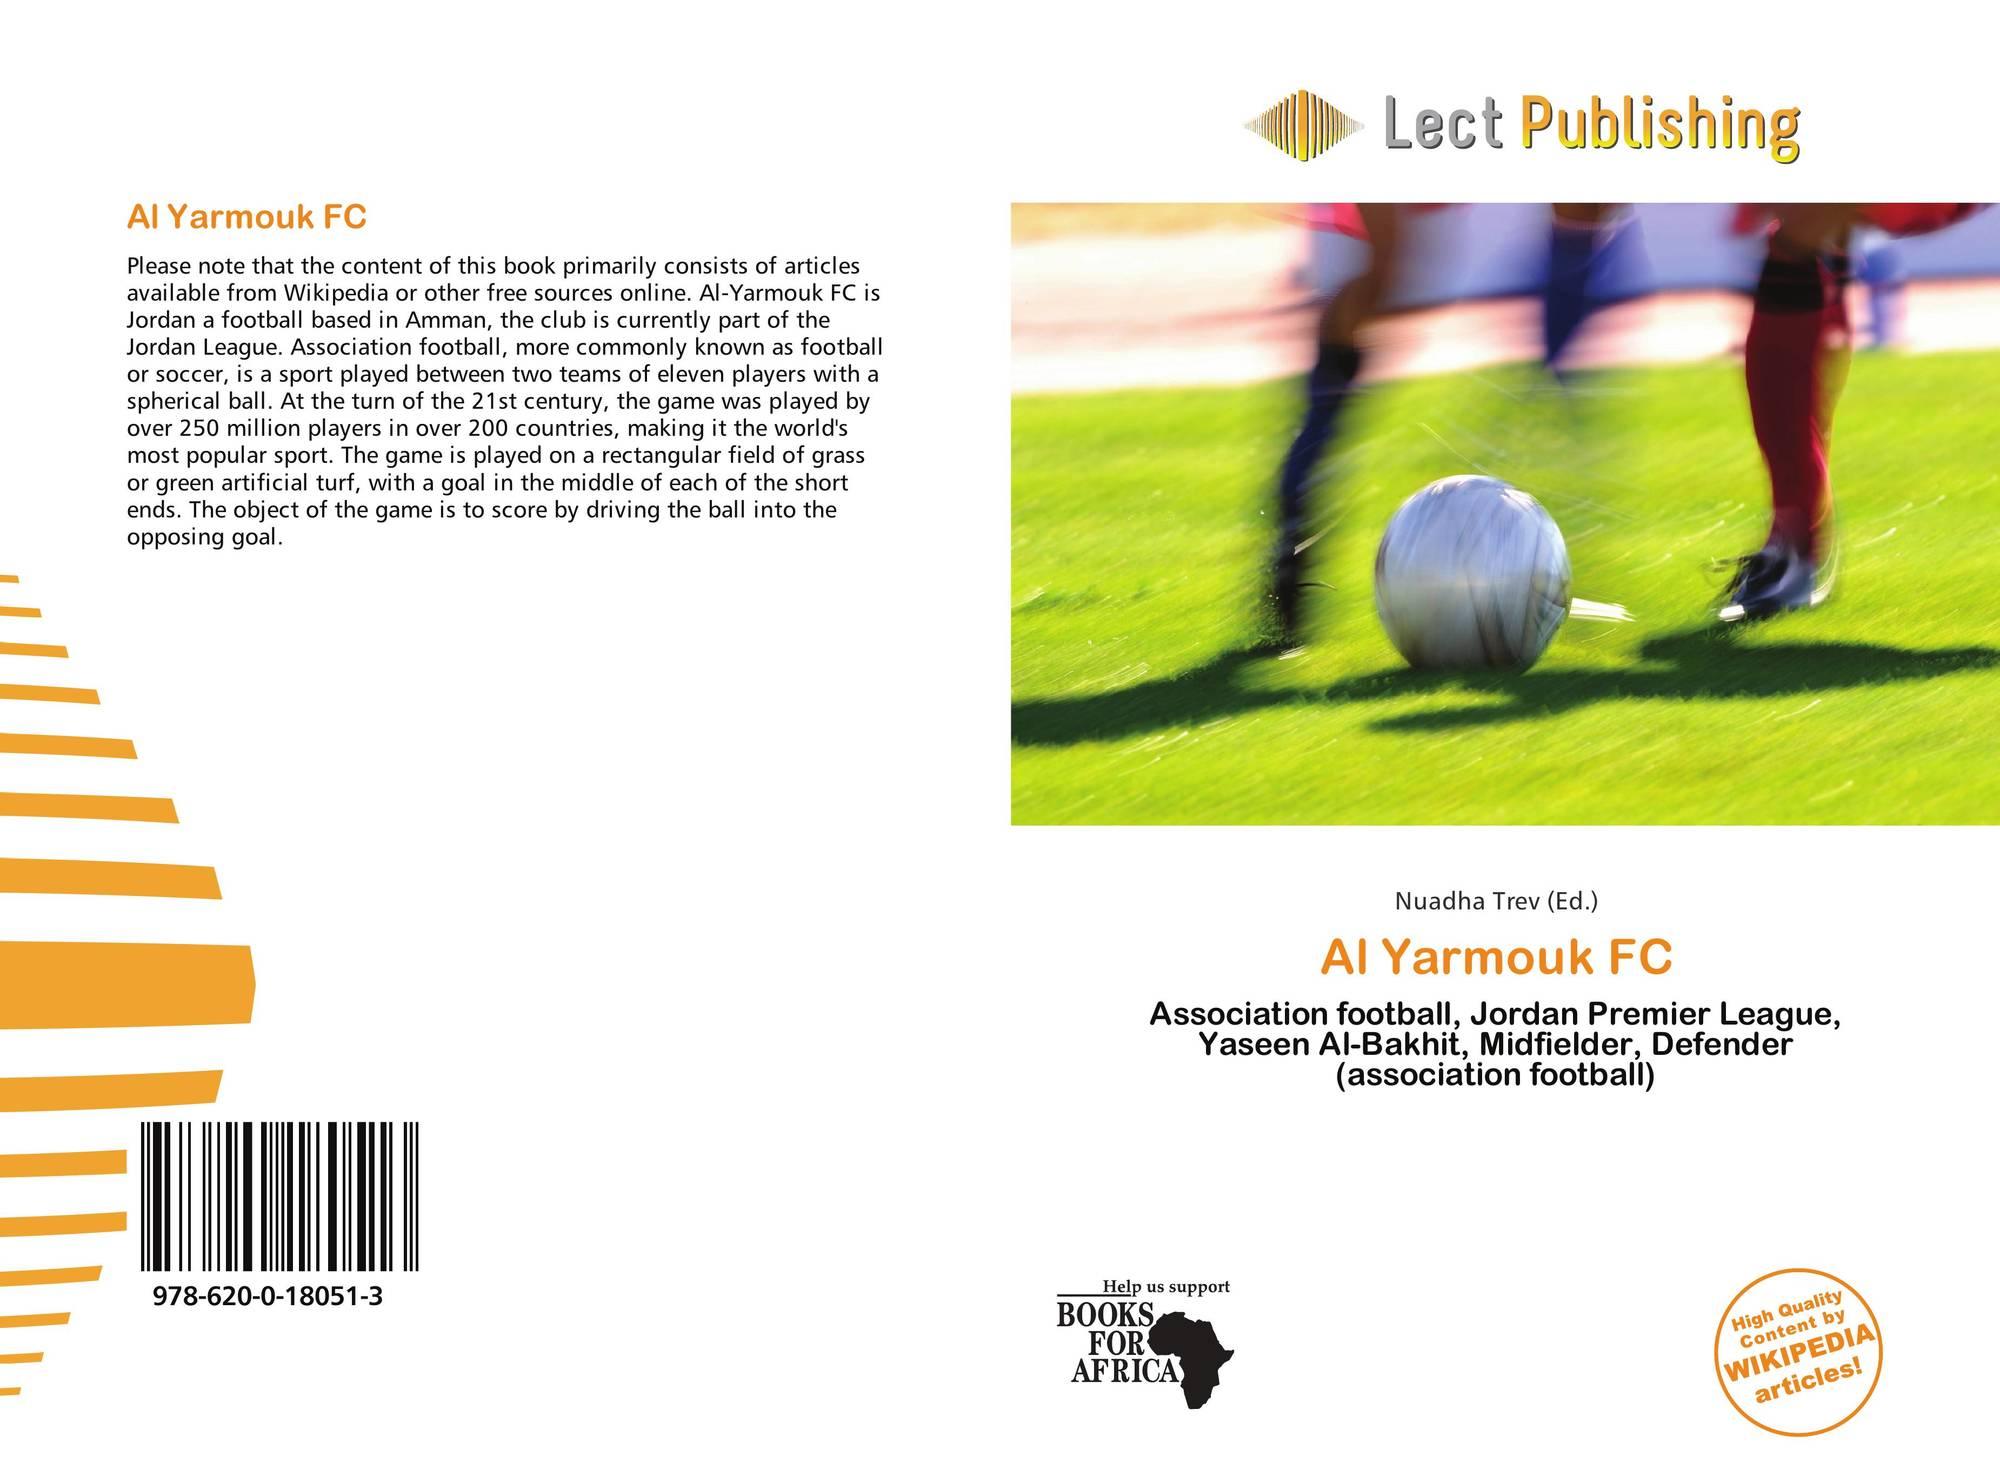 Al Yarmouk FC, 978-620-0-18051-3, 6200180512 ,9786200180513